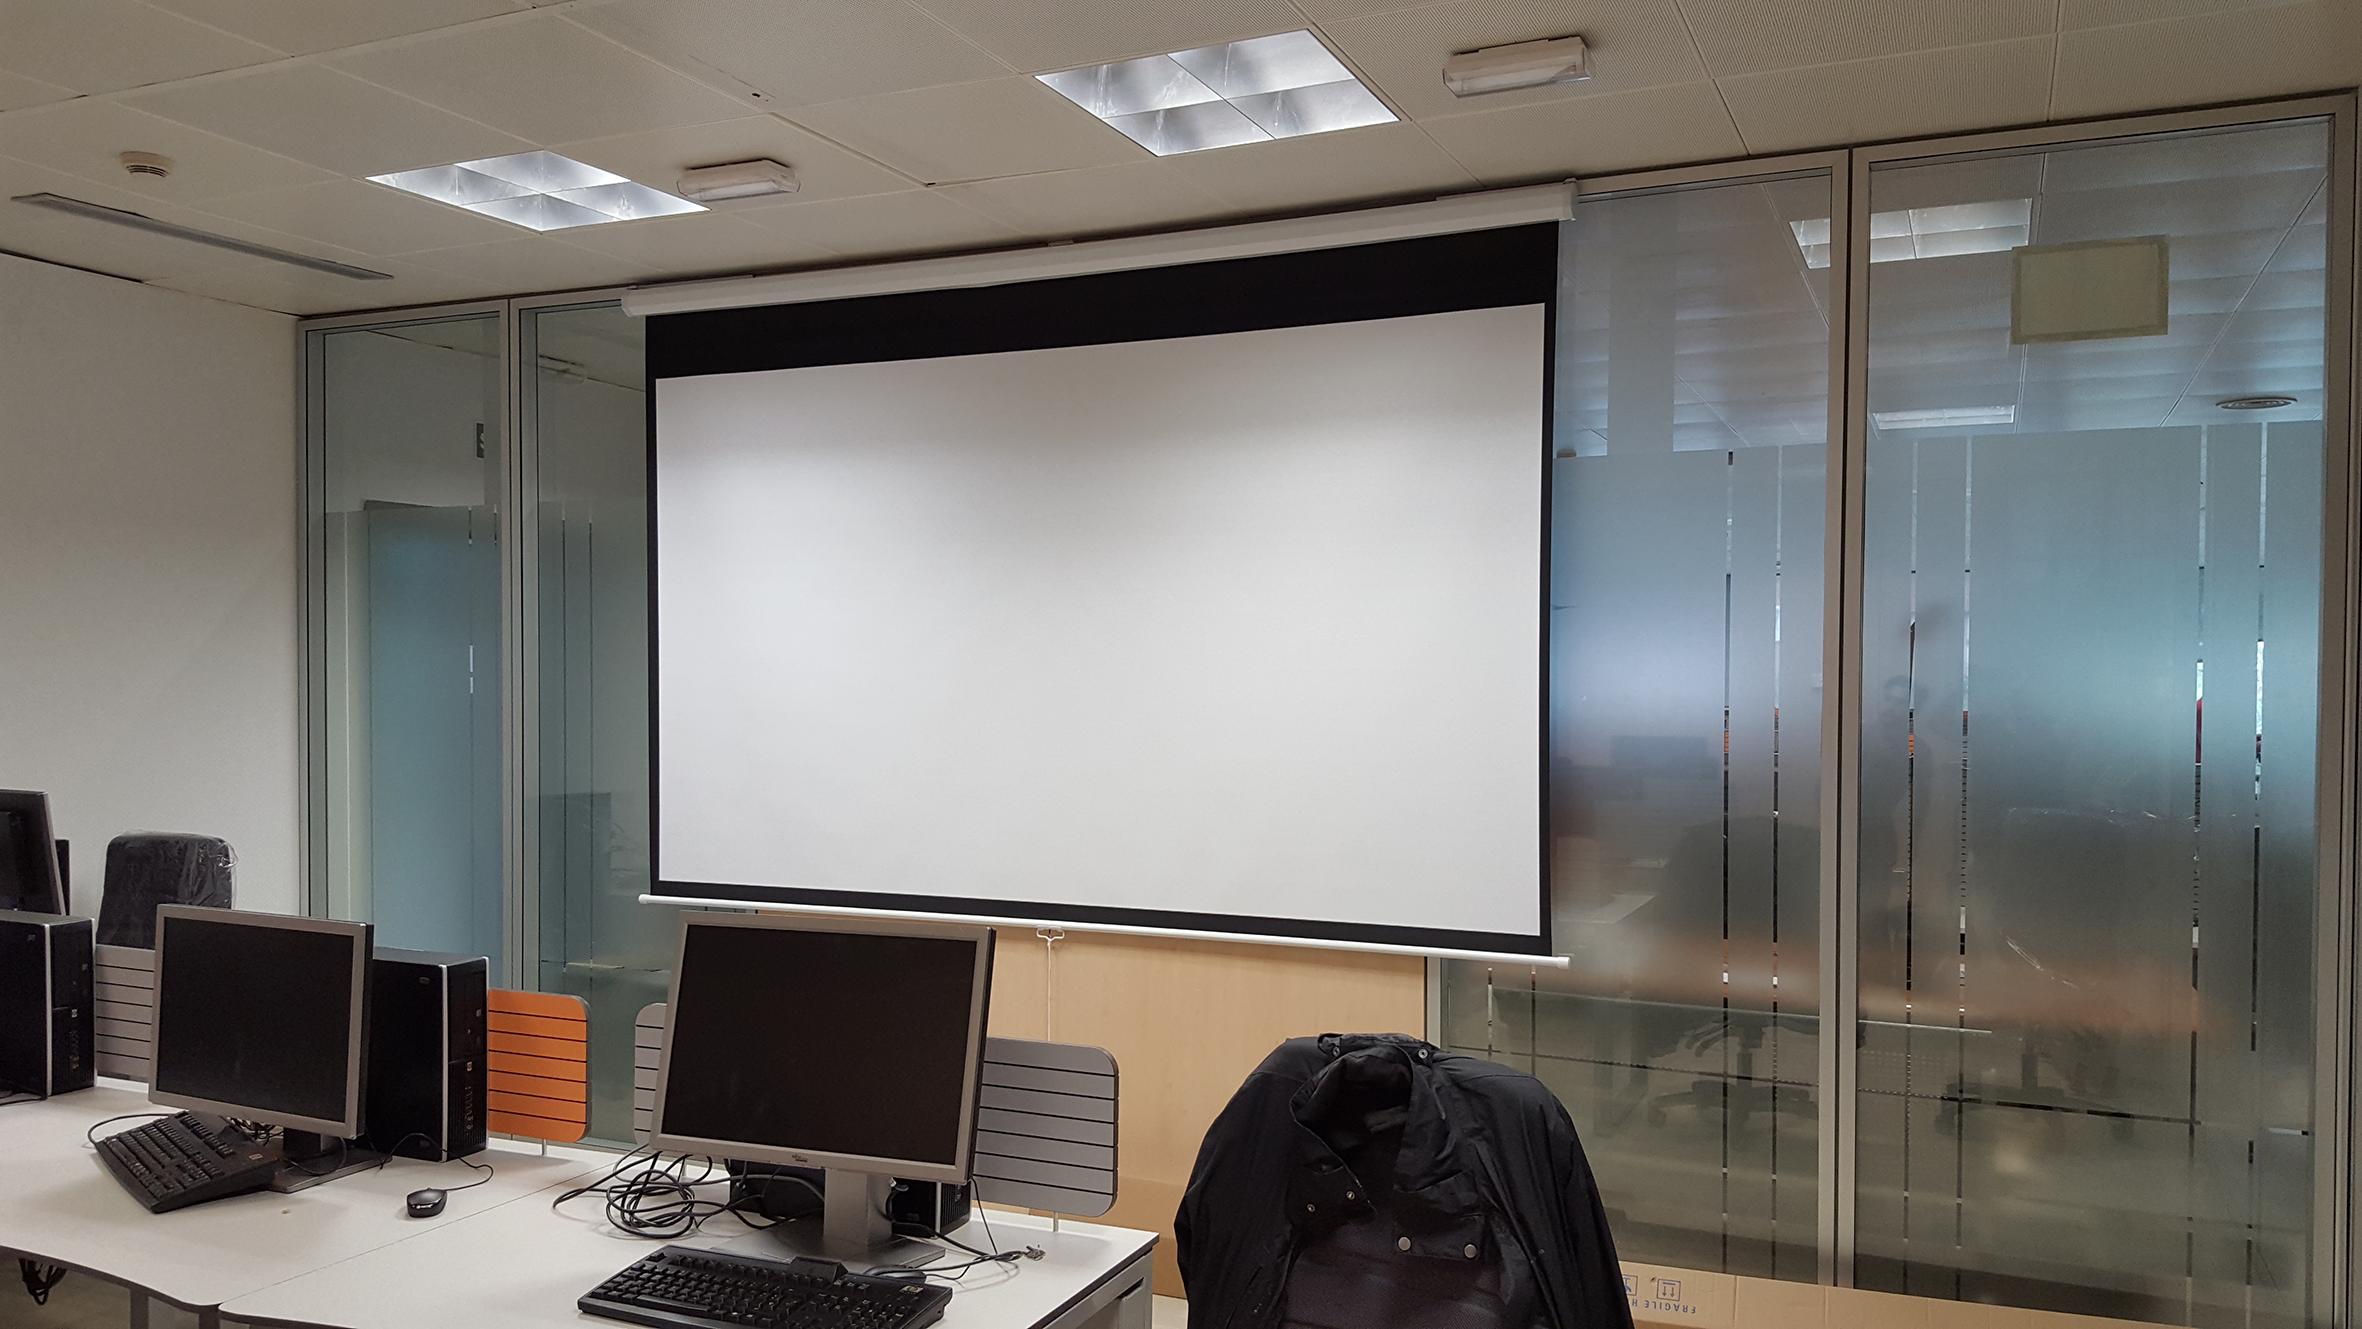 Instalacion de pantalla para proyector